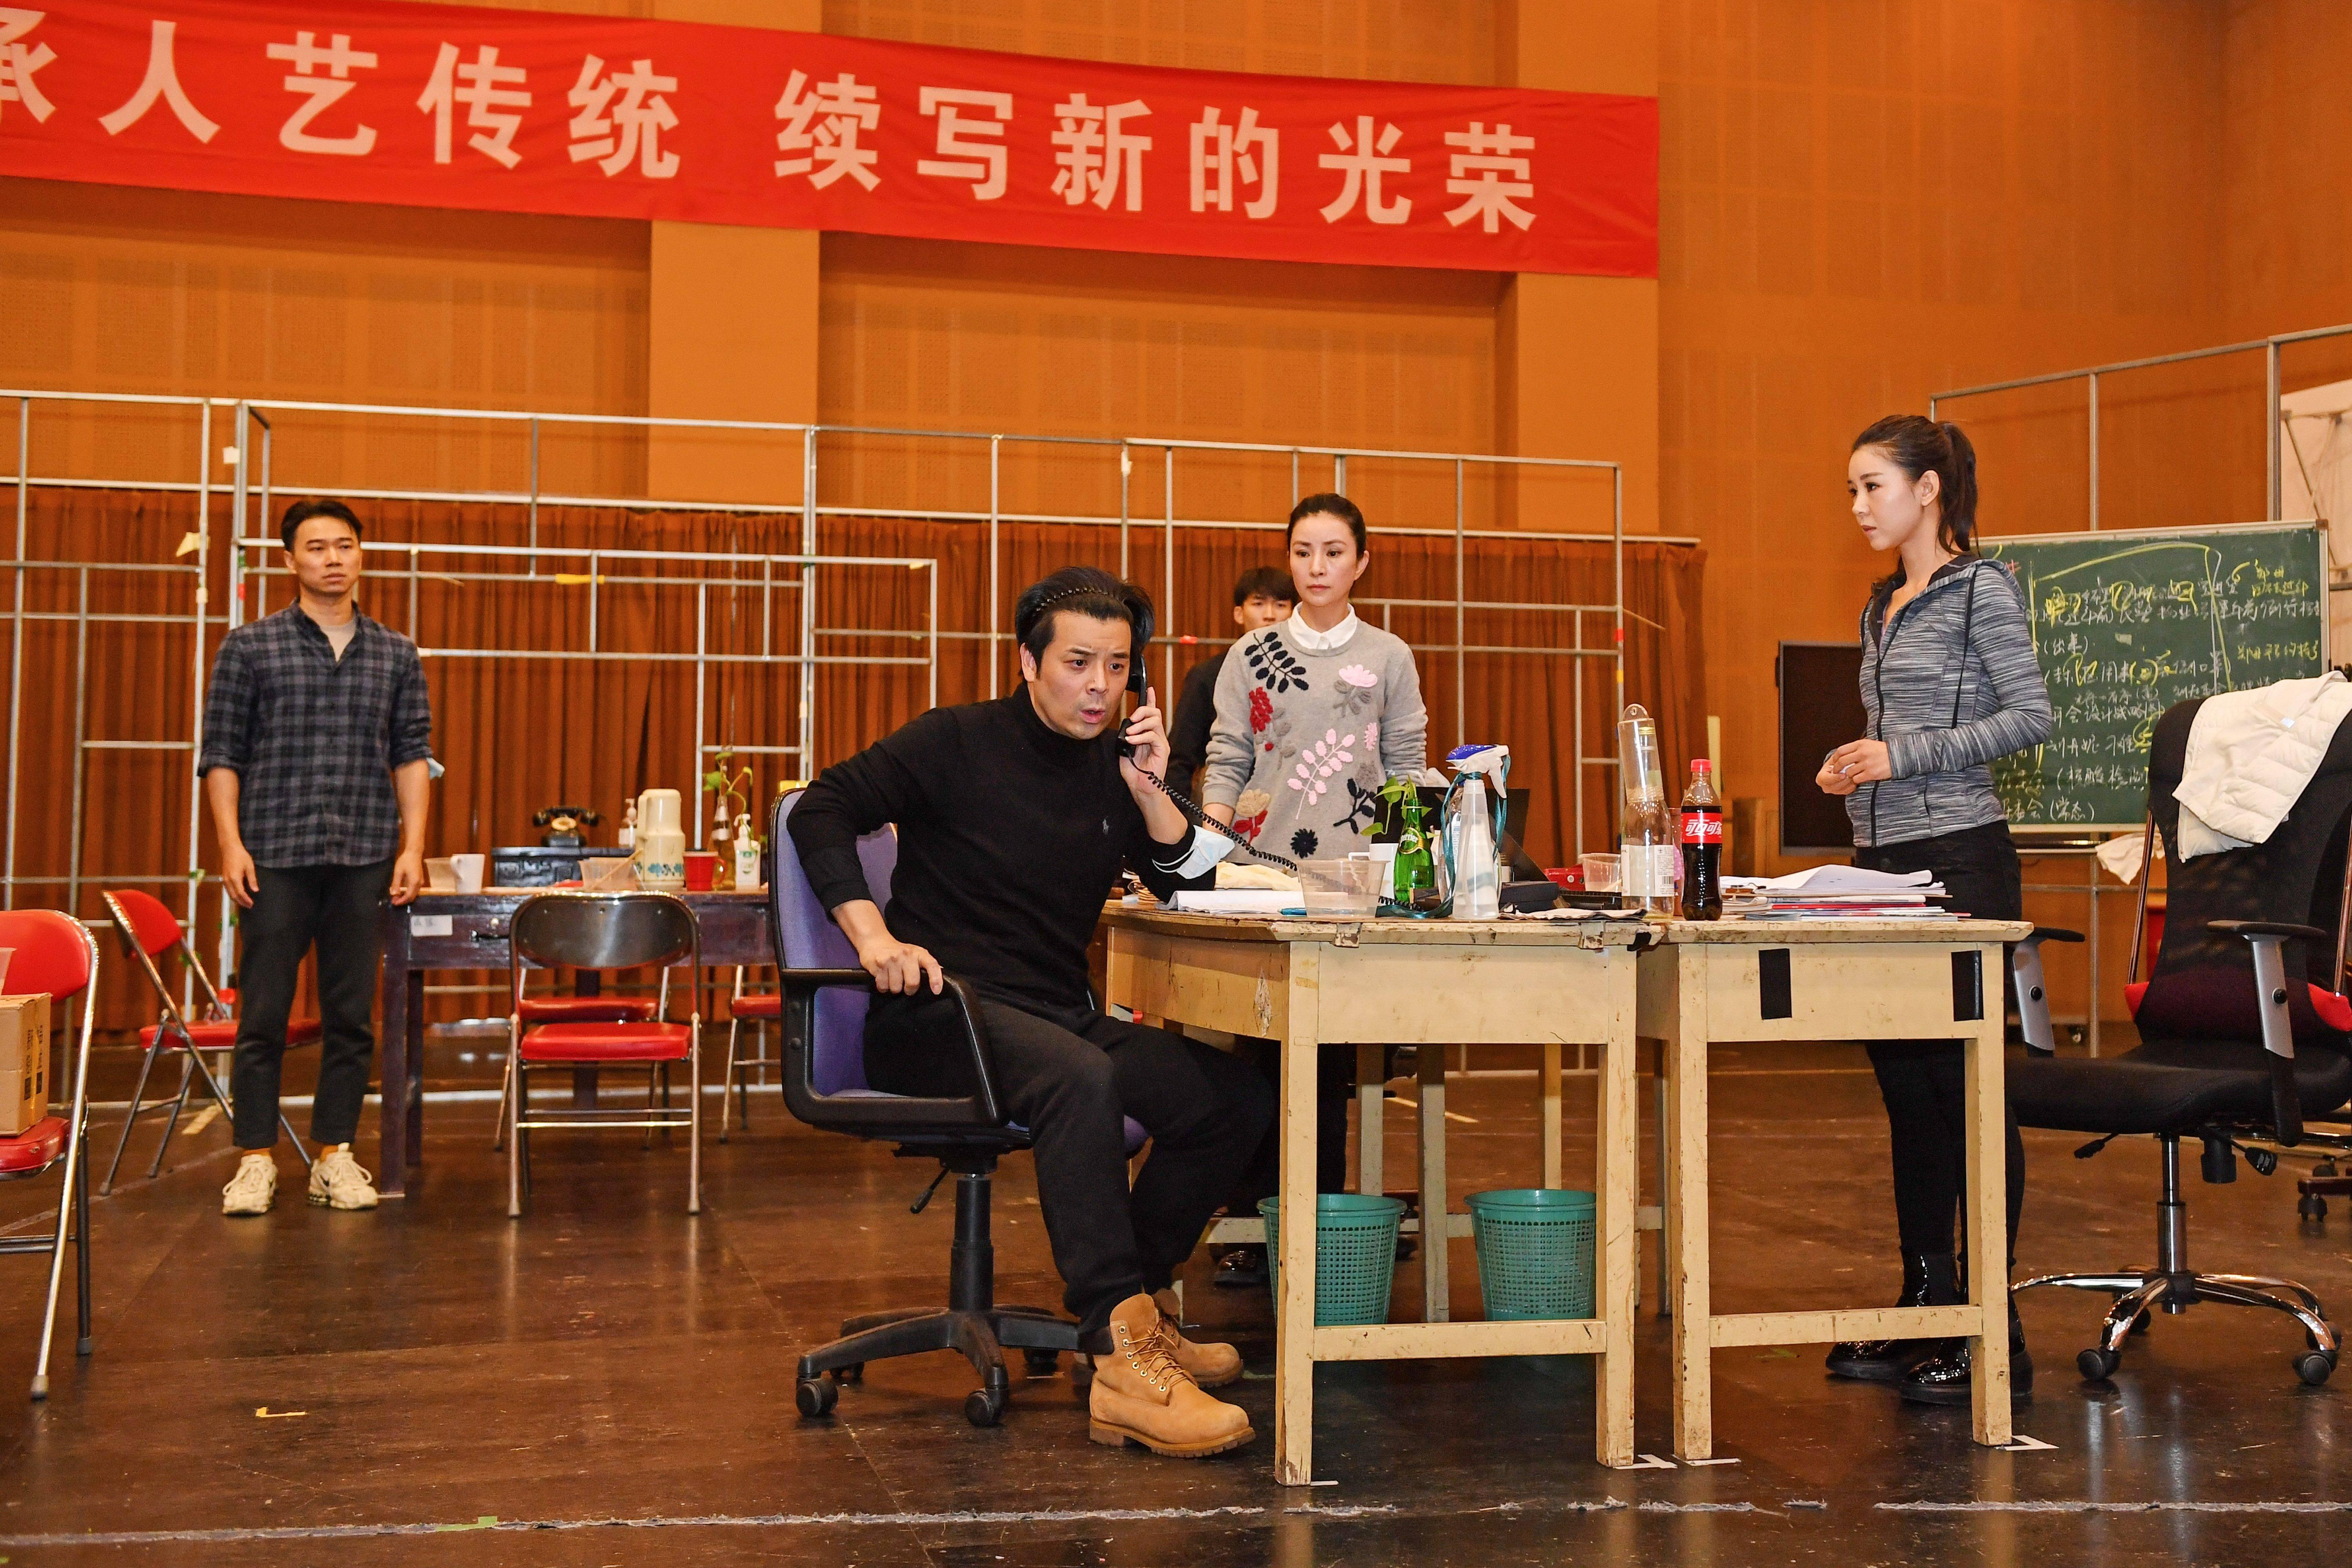 北京人艺抗疫作品《社区居委会》定档双十一,聚焦社区工作者